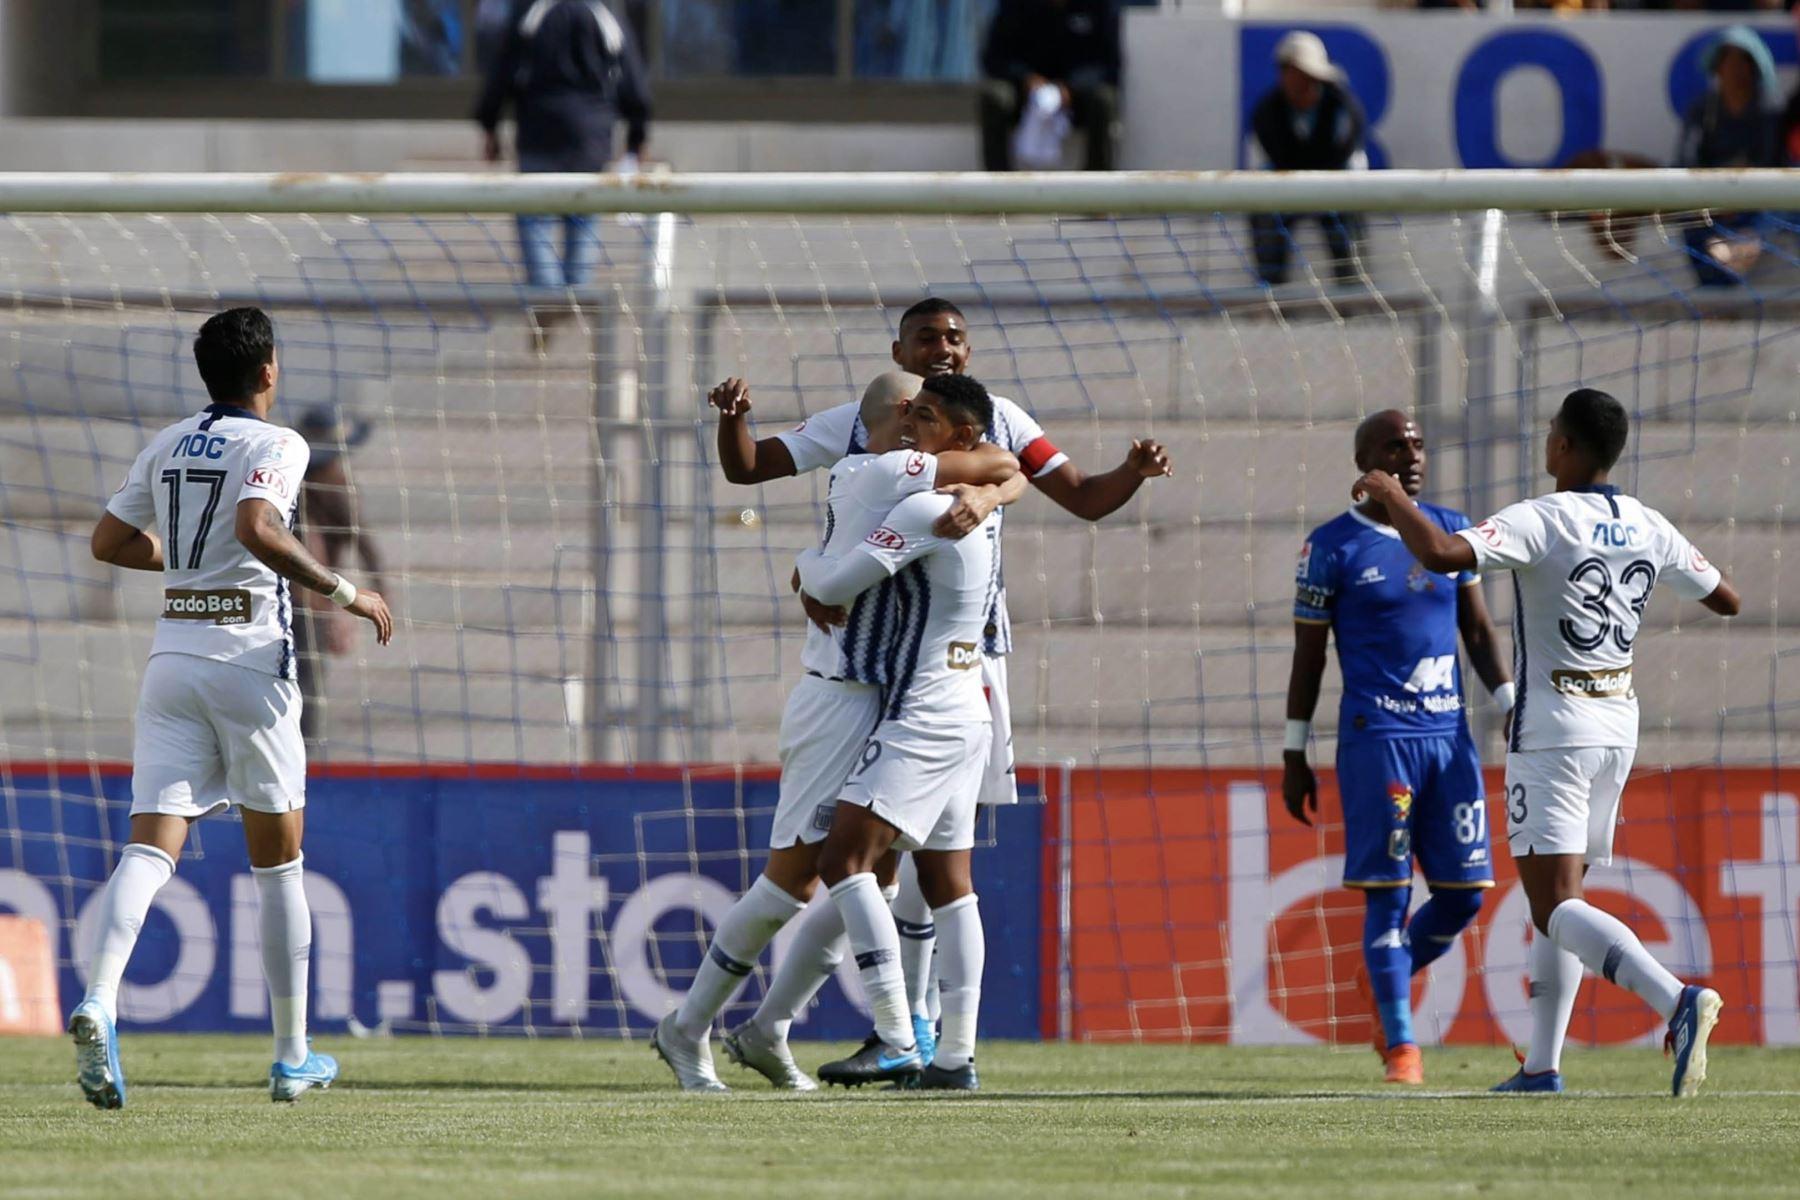 Federico Rodriguez y Kevin Quevedo de Alianza Lima celebran el gol ante Binacional en el partido de ida en la final del fútbol peruano por la Liga 1, en la ciudad de Juliaca – Puno. Foto: ANDINA/Carlos Lezama